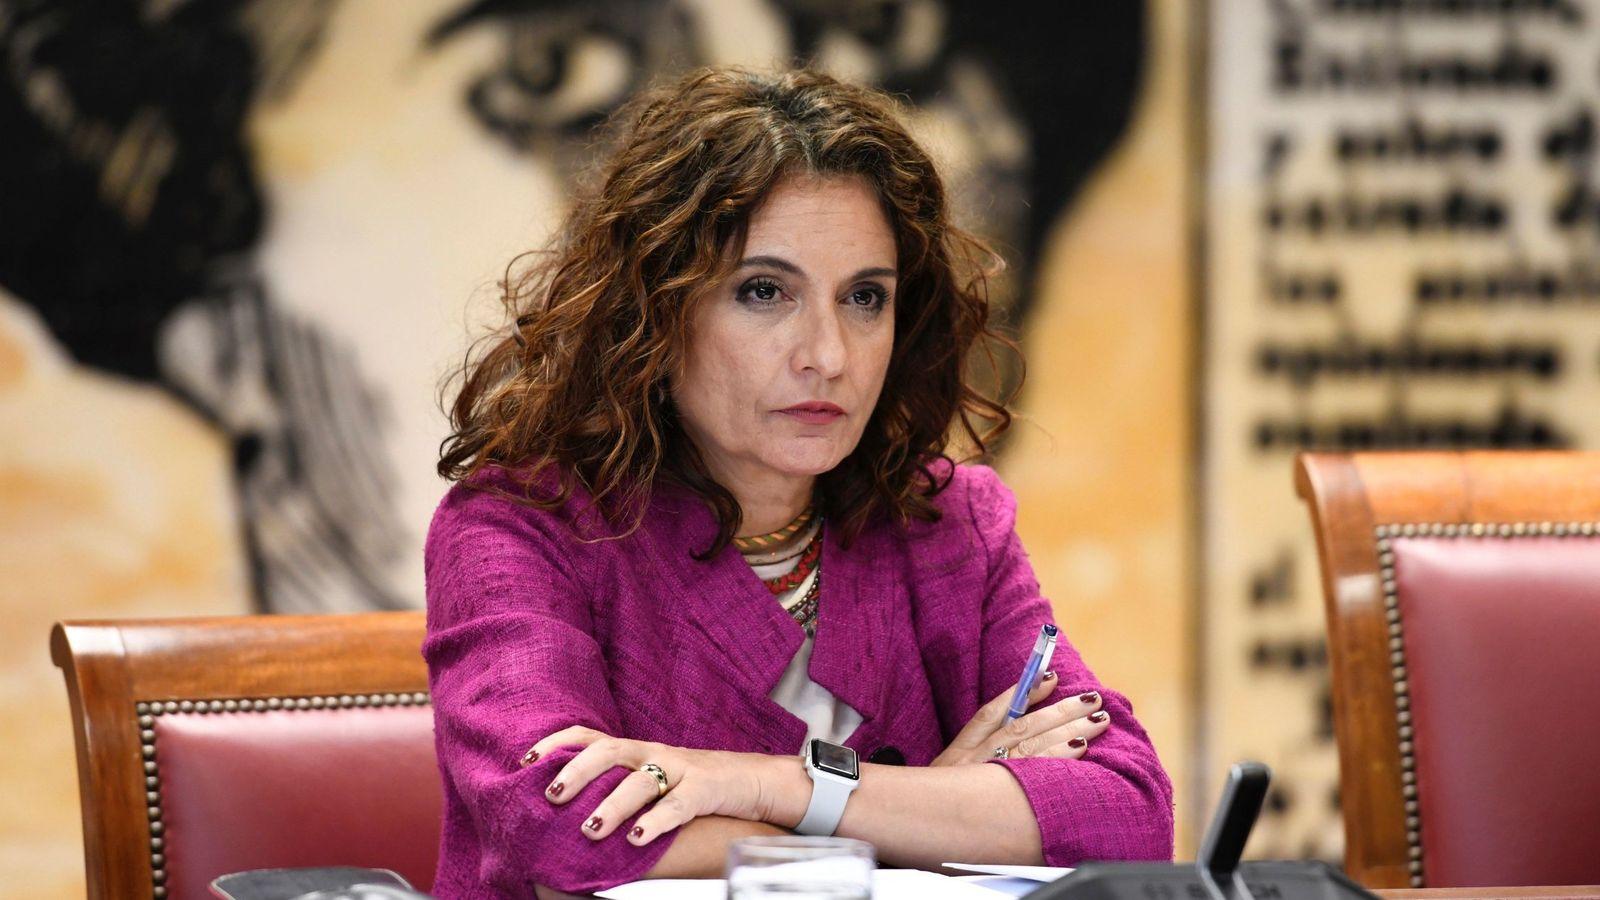 Foto: La ministra de Hacienda María Jesús Montero, durante su comparecencia este jueves en el Senado. (EFE)